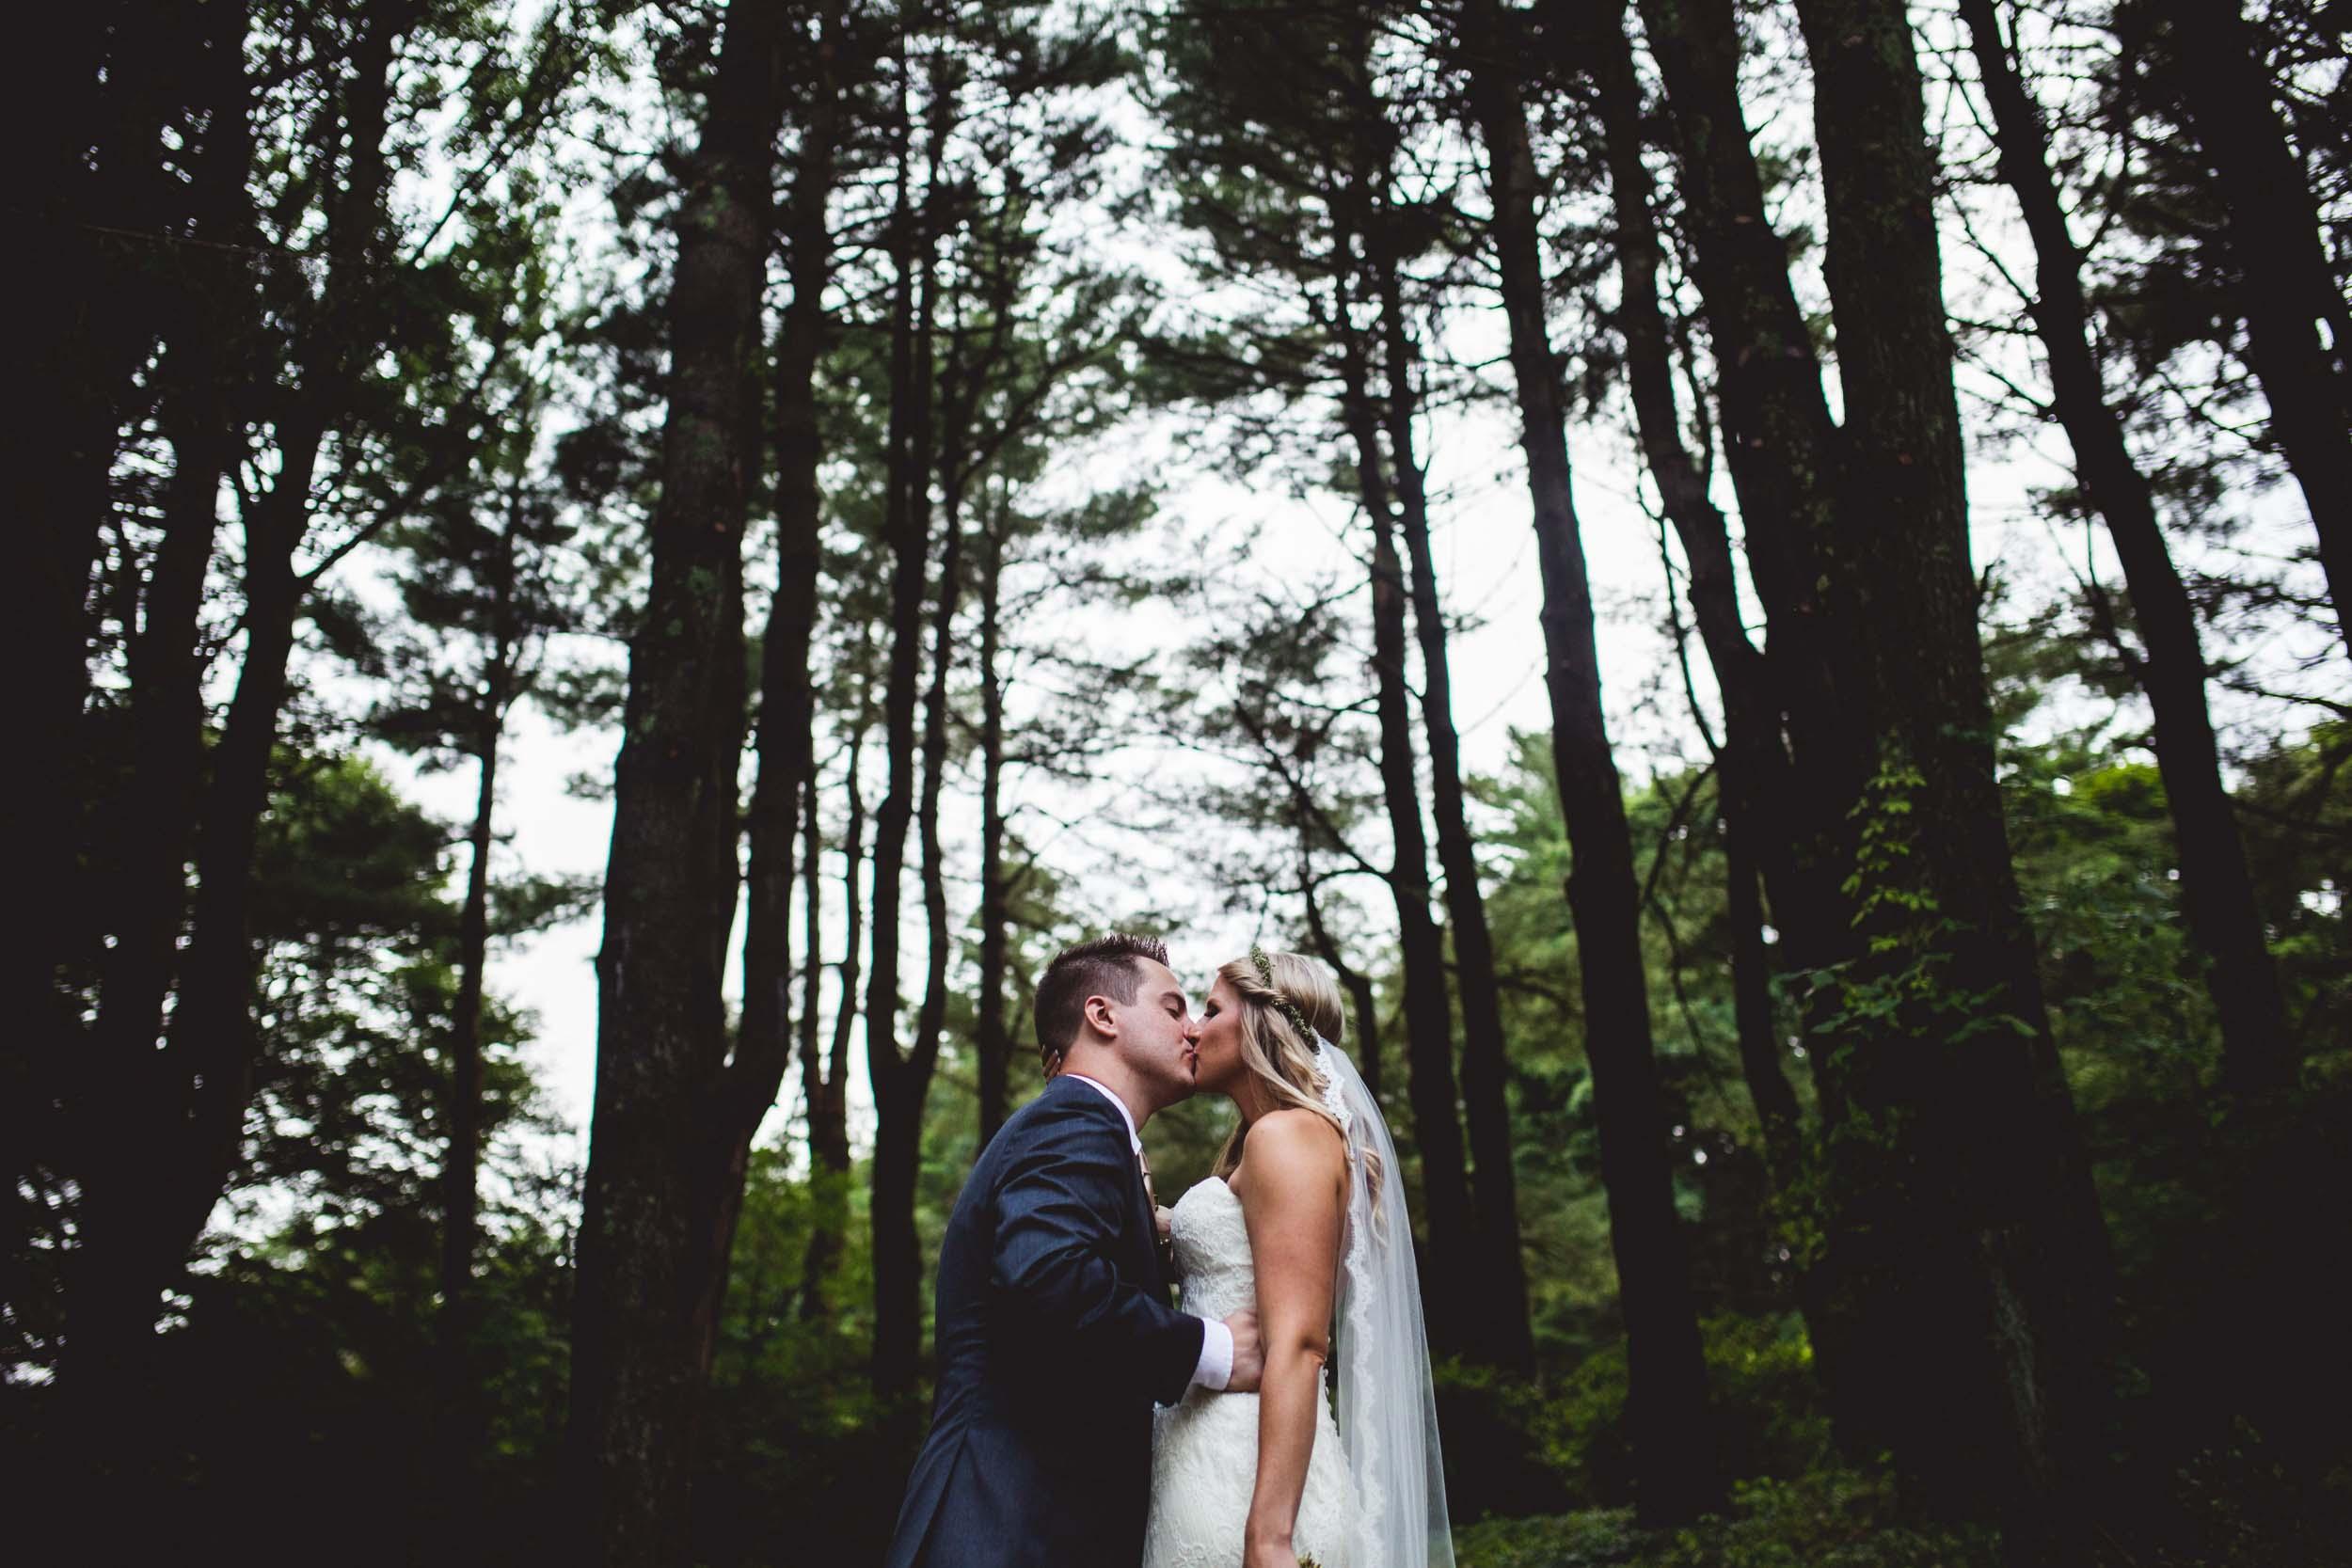 Morraine-Farm-Wedding-16.jpg